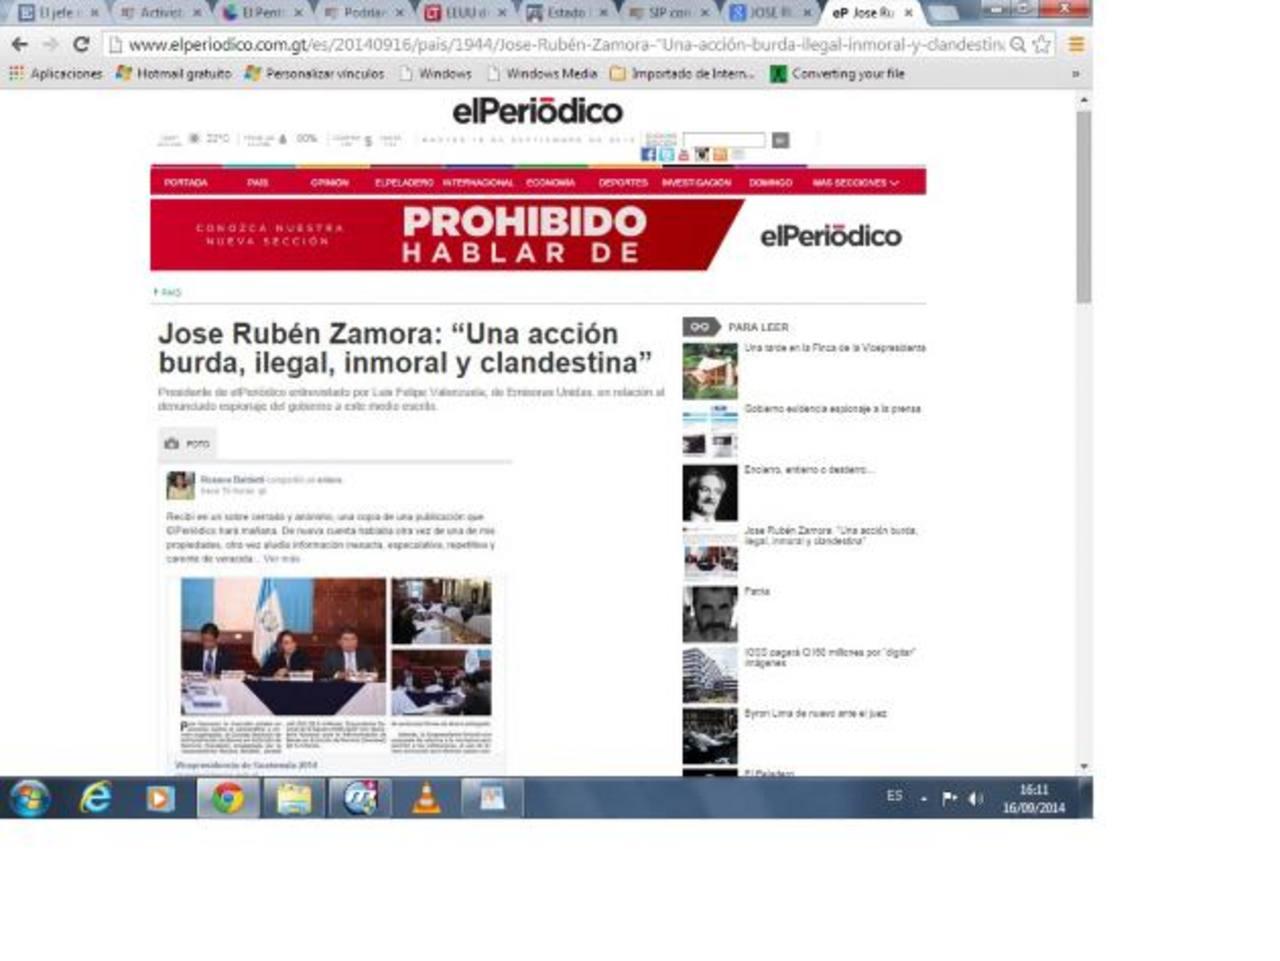 Imagen de la web de la denuncia del presidente de elPeriódico, José Rubén Zamora. foto edh / internet